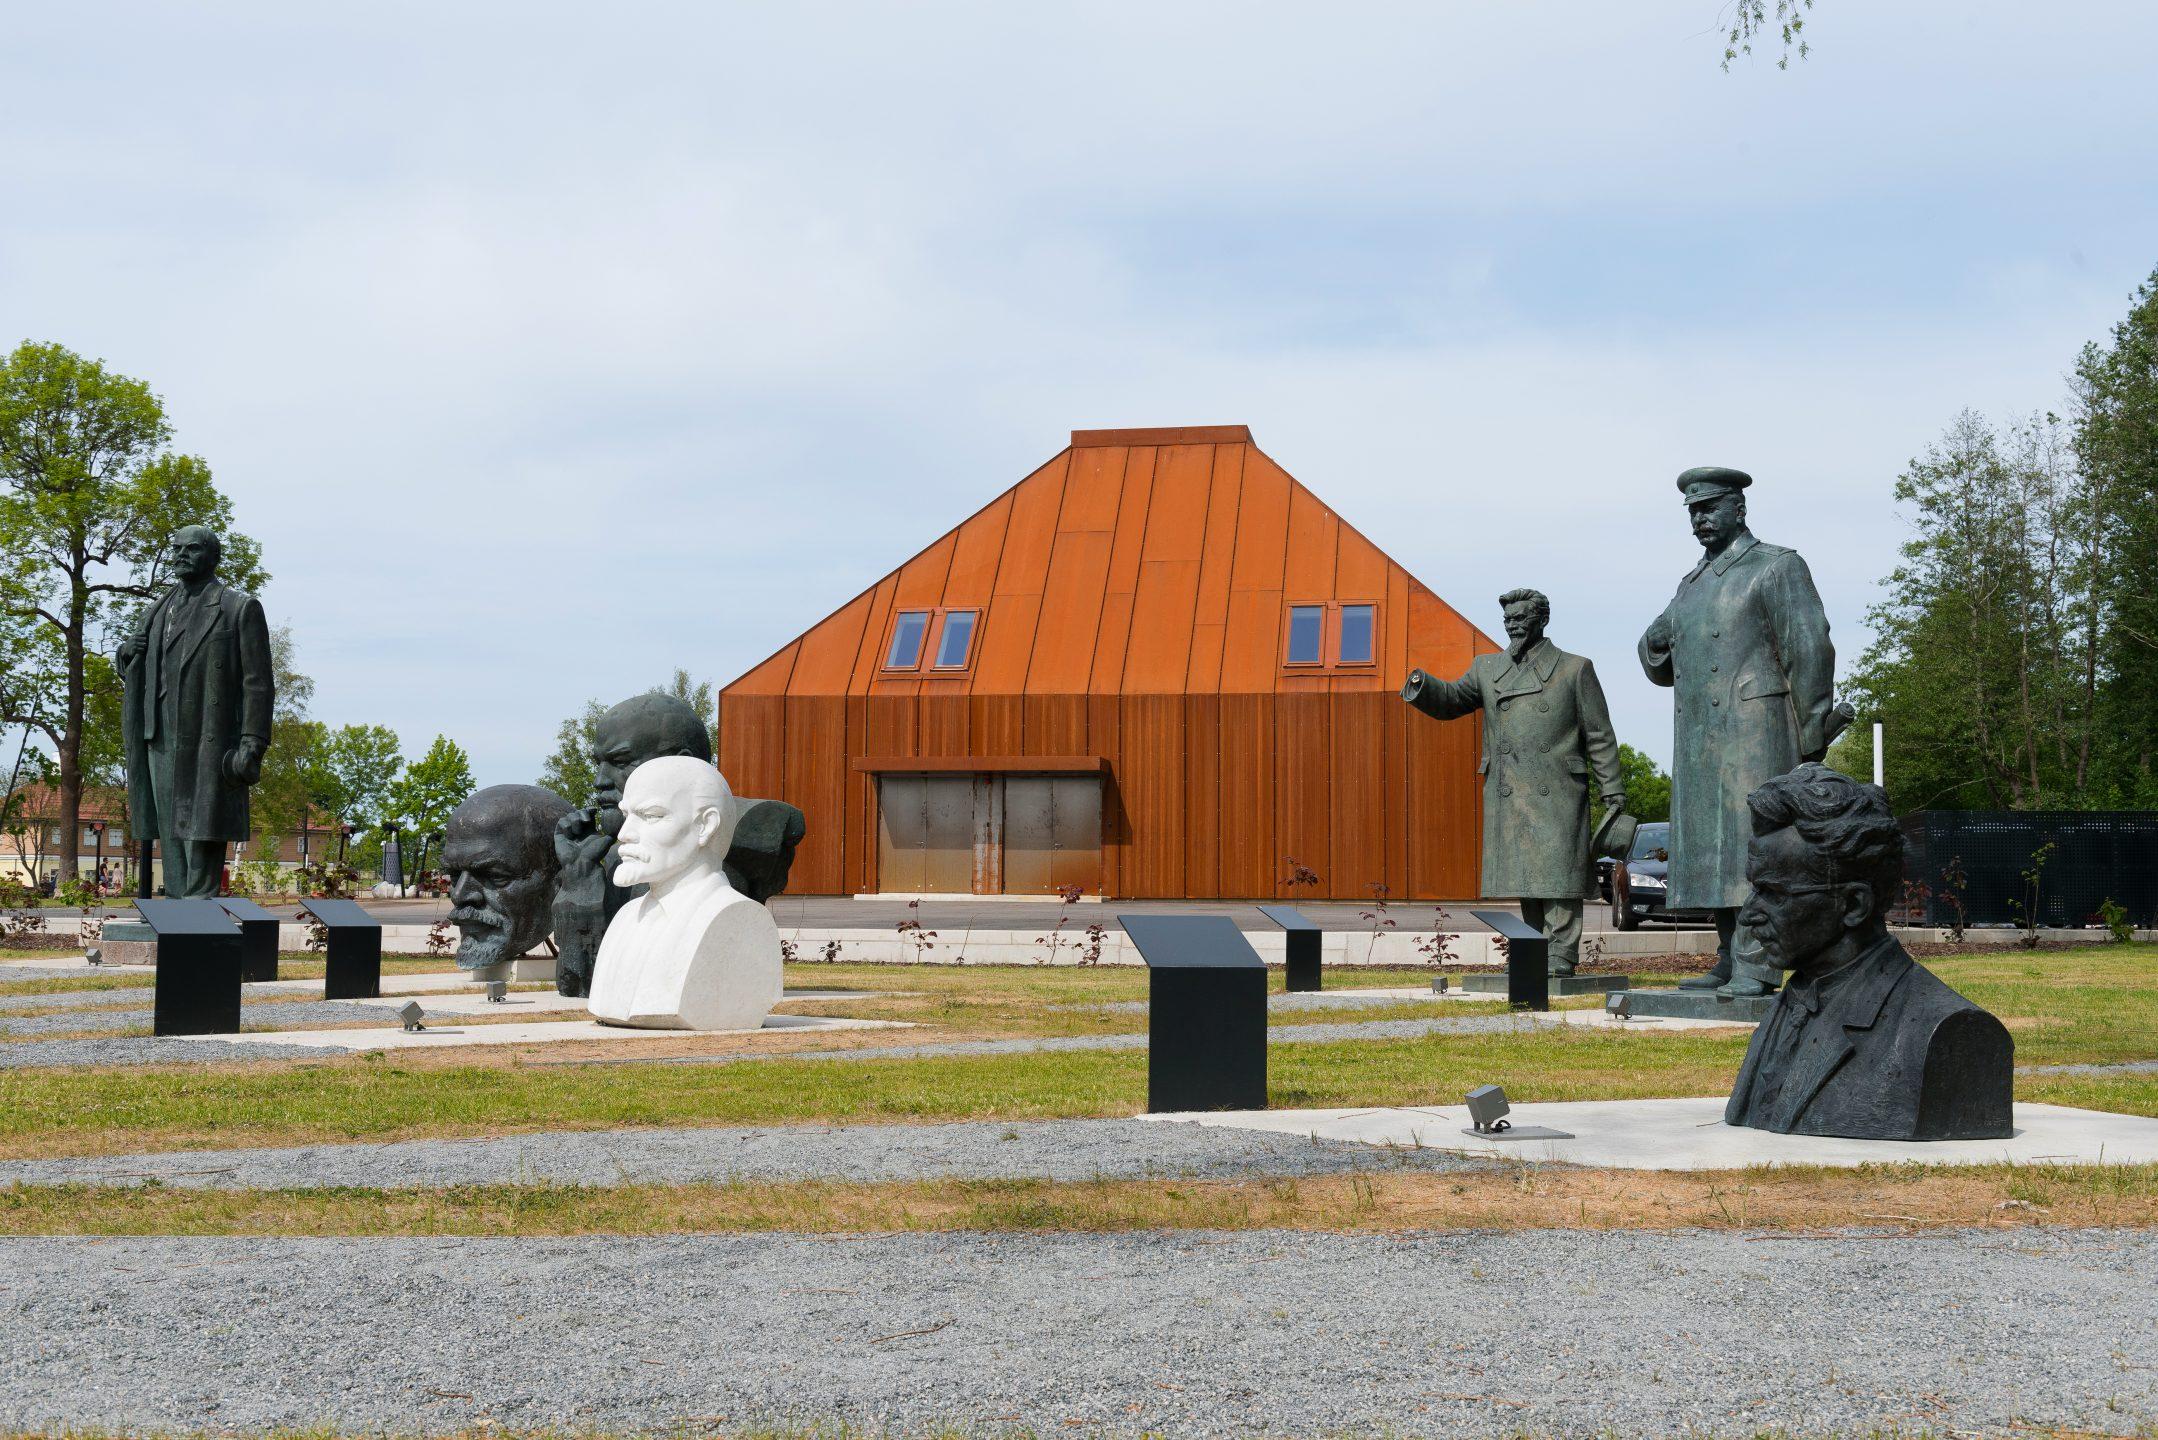 Soviet monuments sculpture park in Tallinn